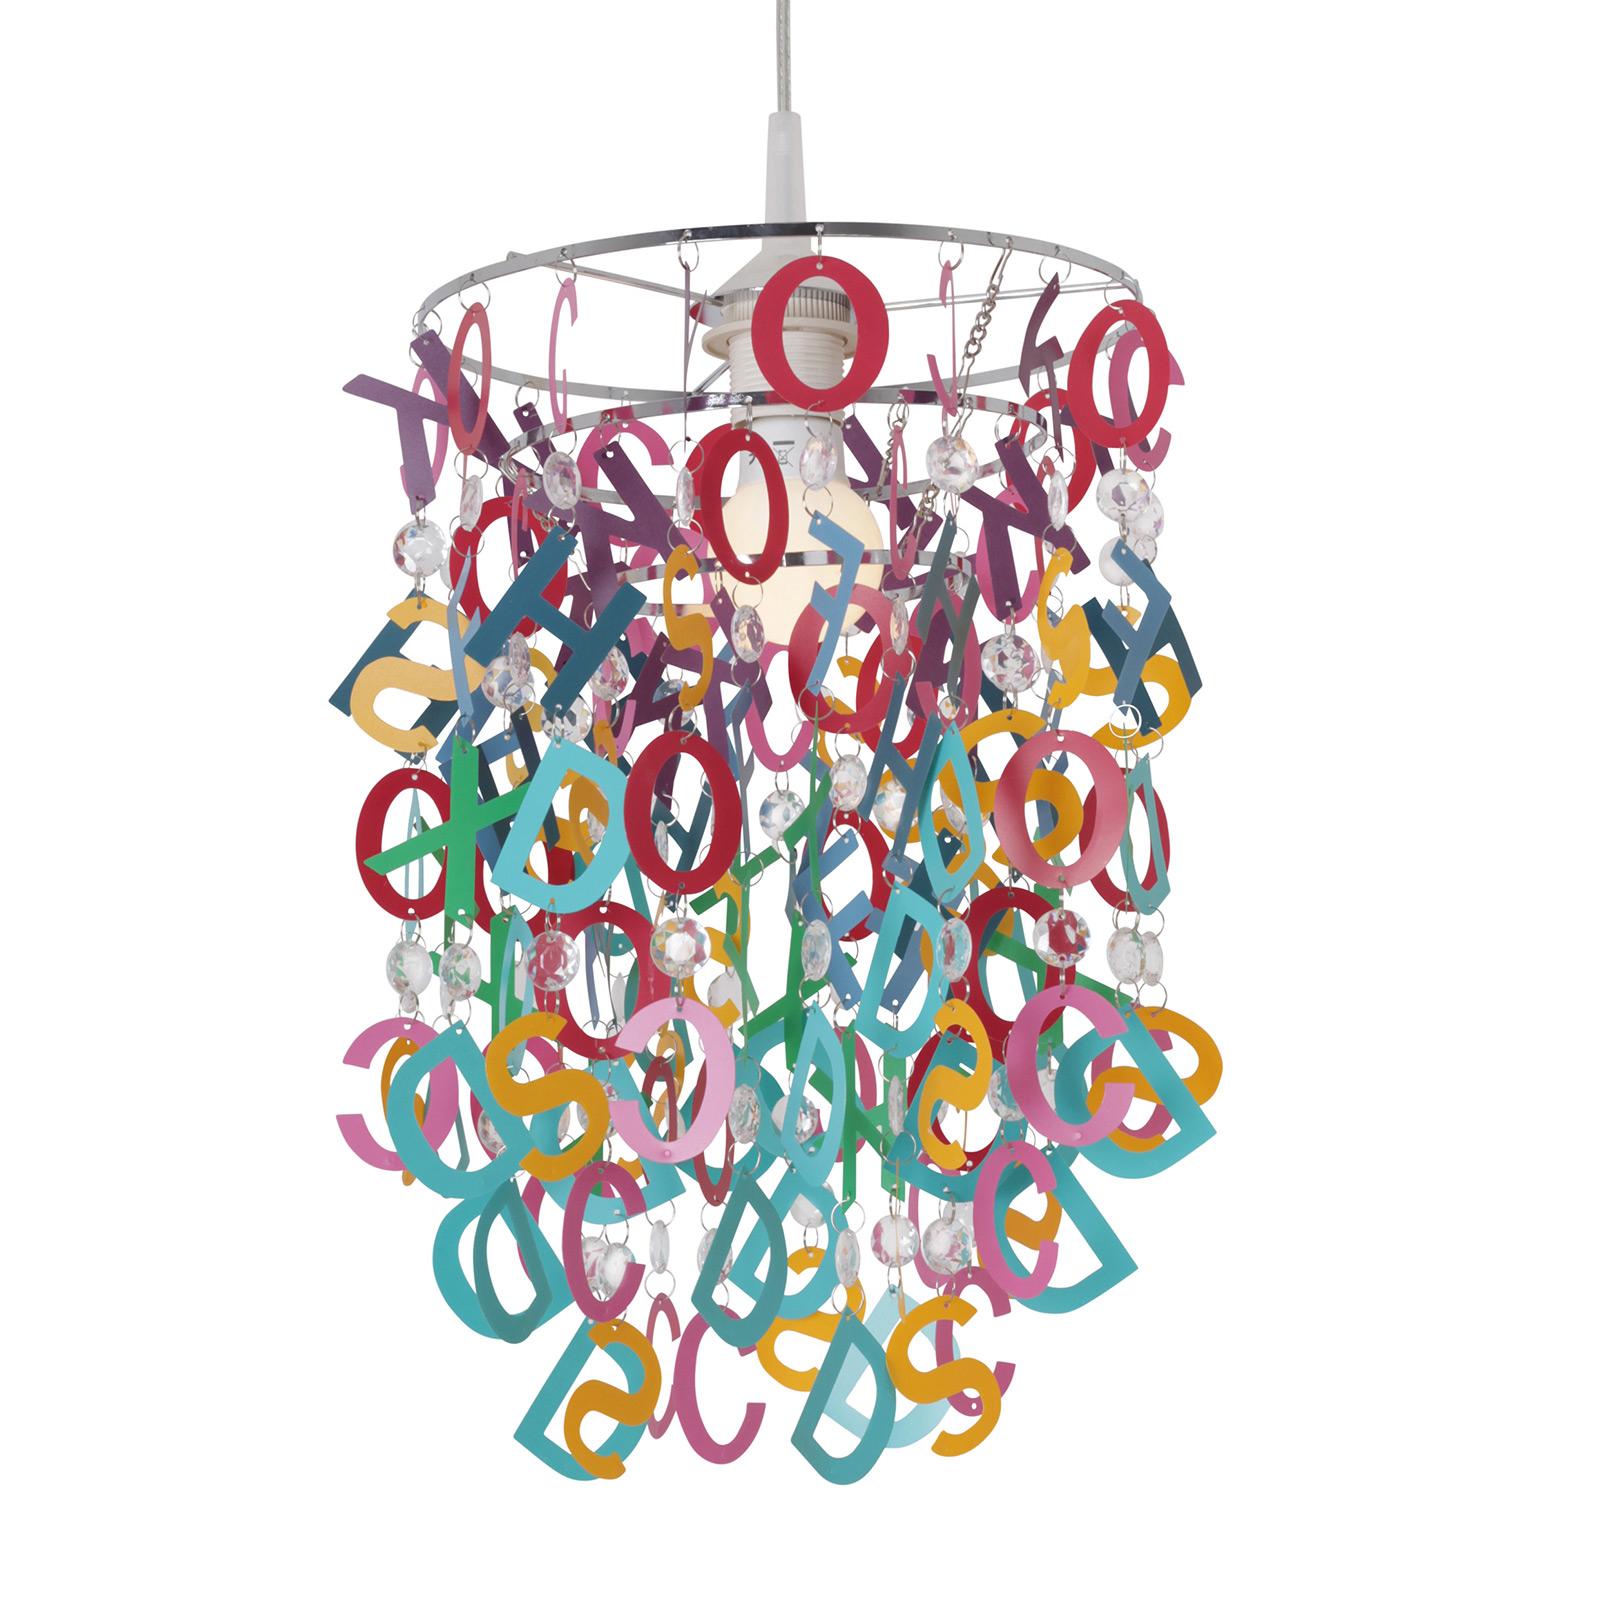 Hanglamp Letterly met pendelende letters